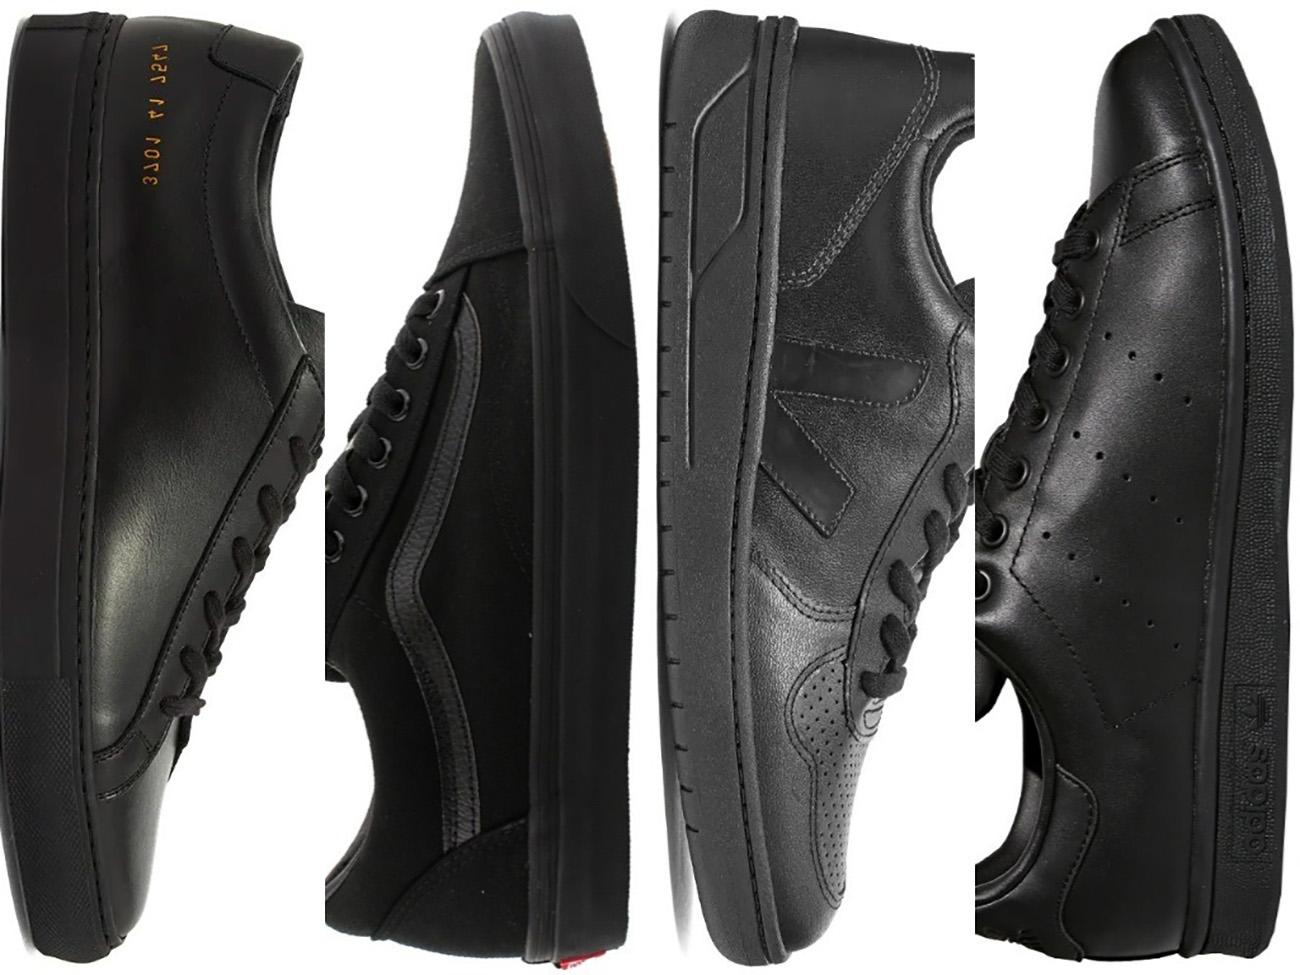 10 μαύρα sneakers που μπορείς να φοράς όλες τις εποχές του χρόνου